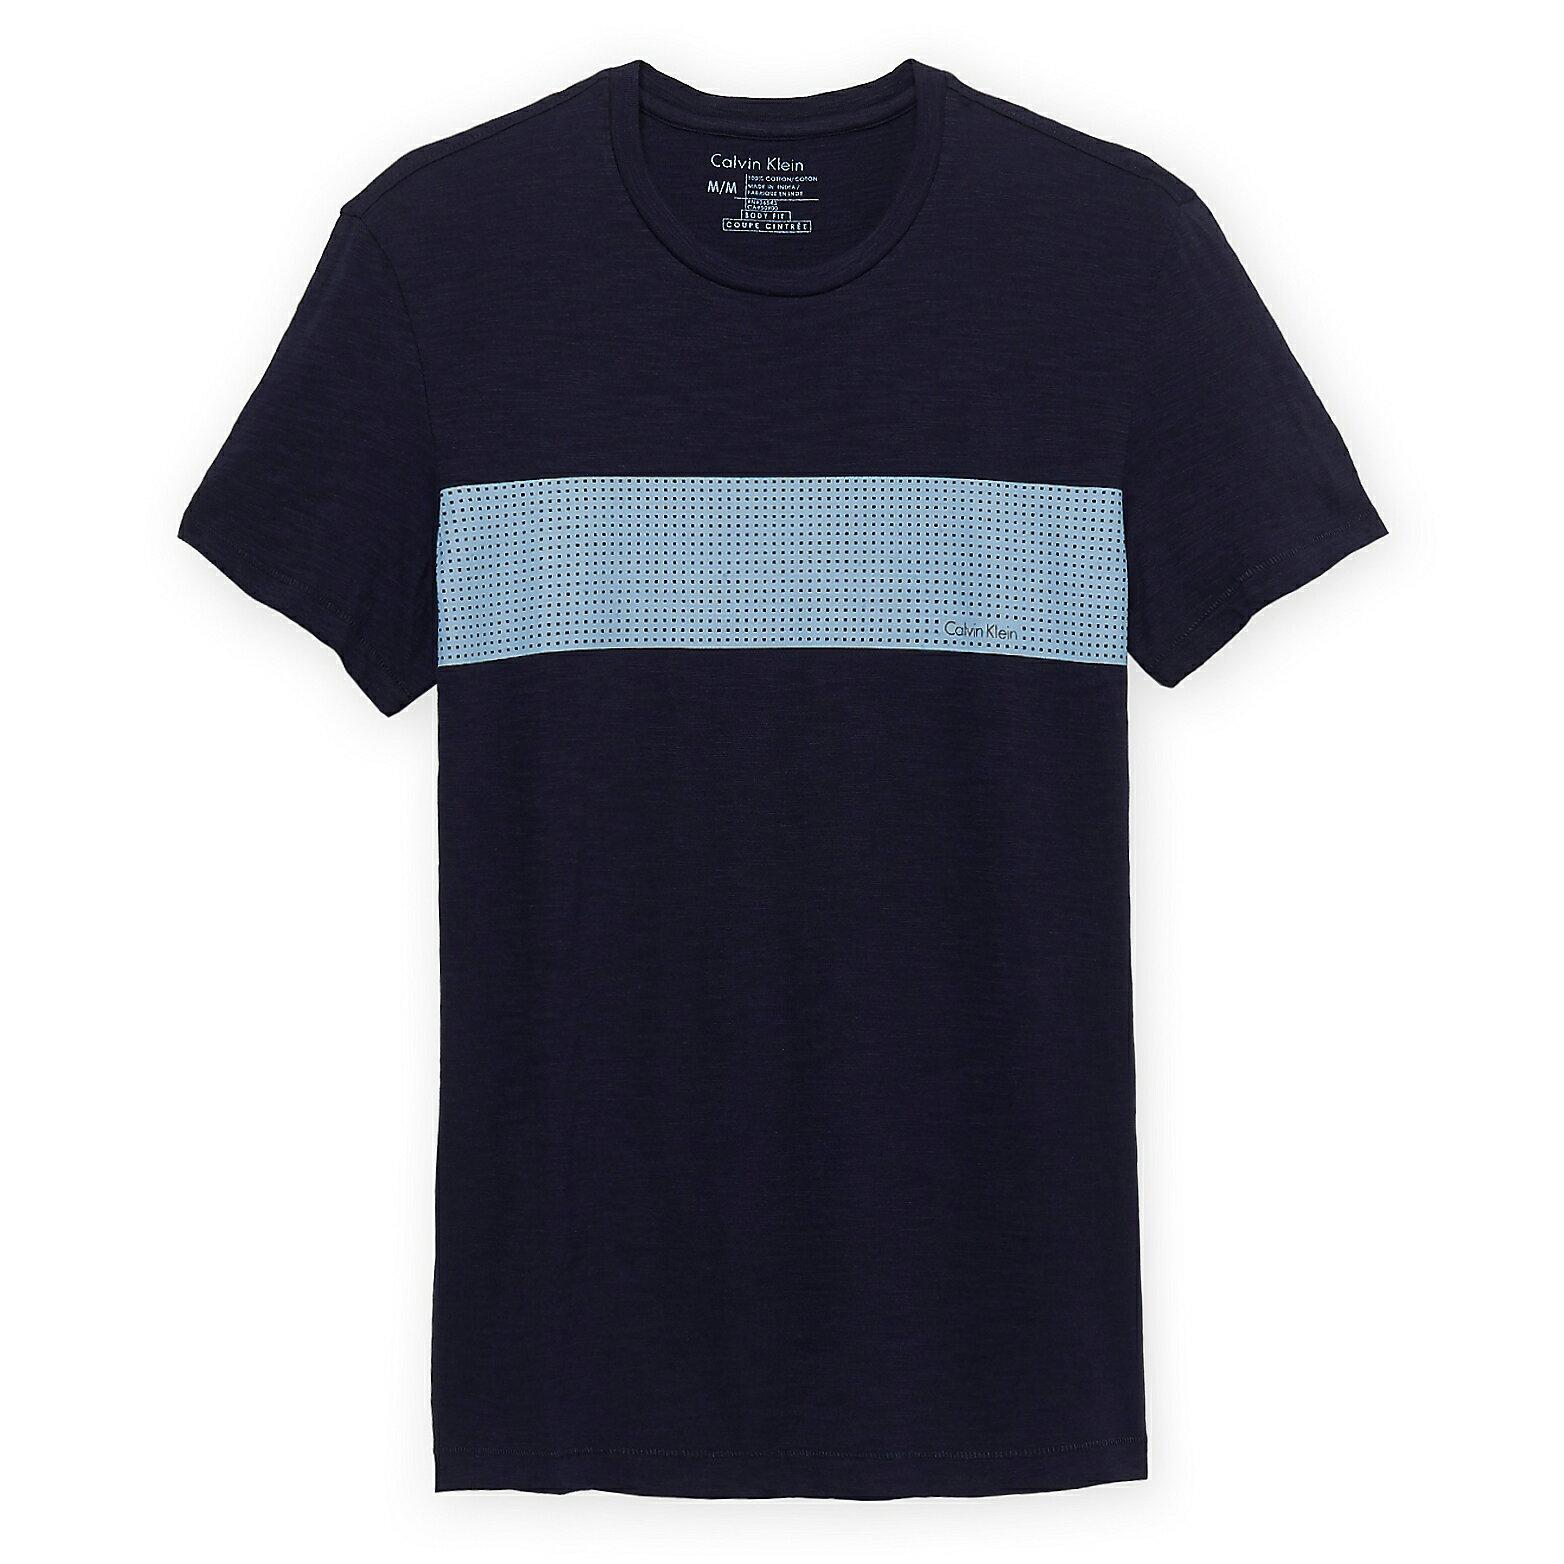 美國百分百【Calvin Klein】上衣 CK 短袖 T恤 T-shirt 短T LOGO 深藍 男 格子 L號 F030